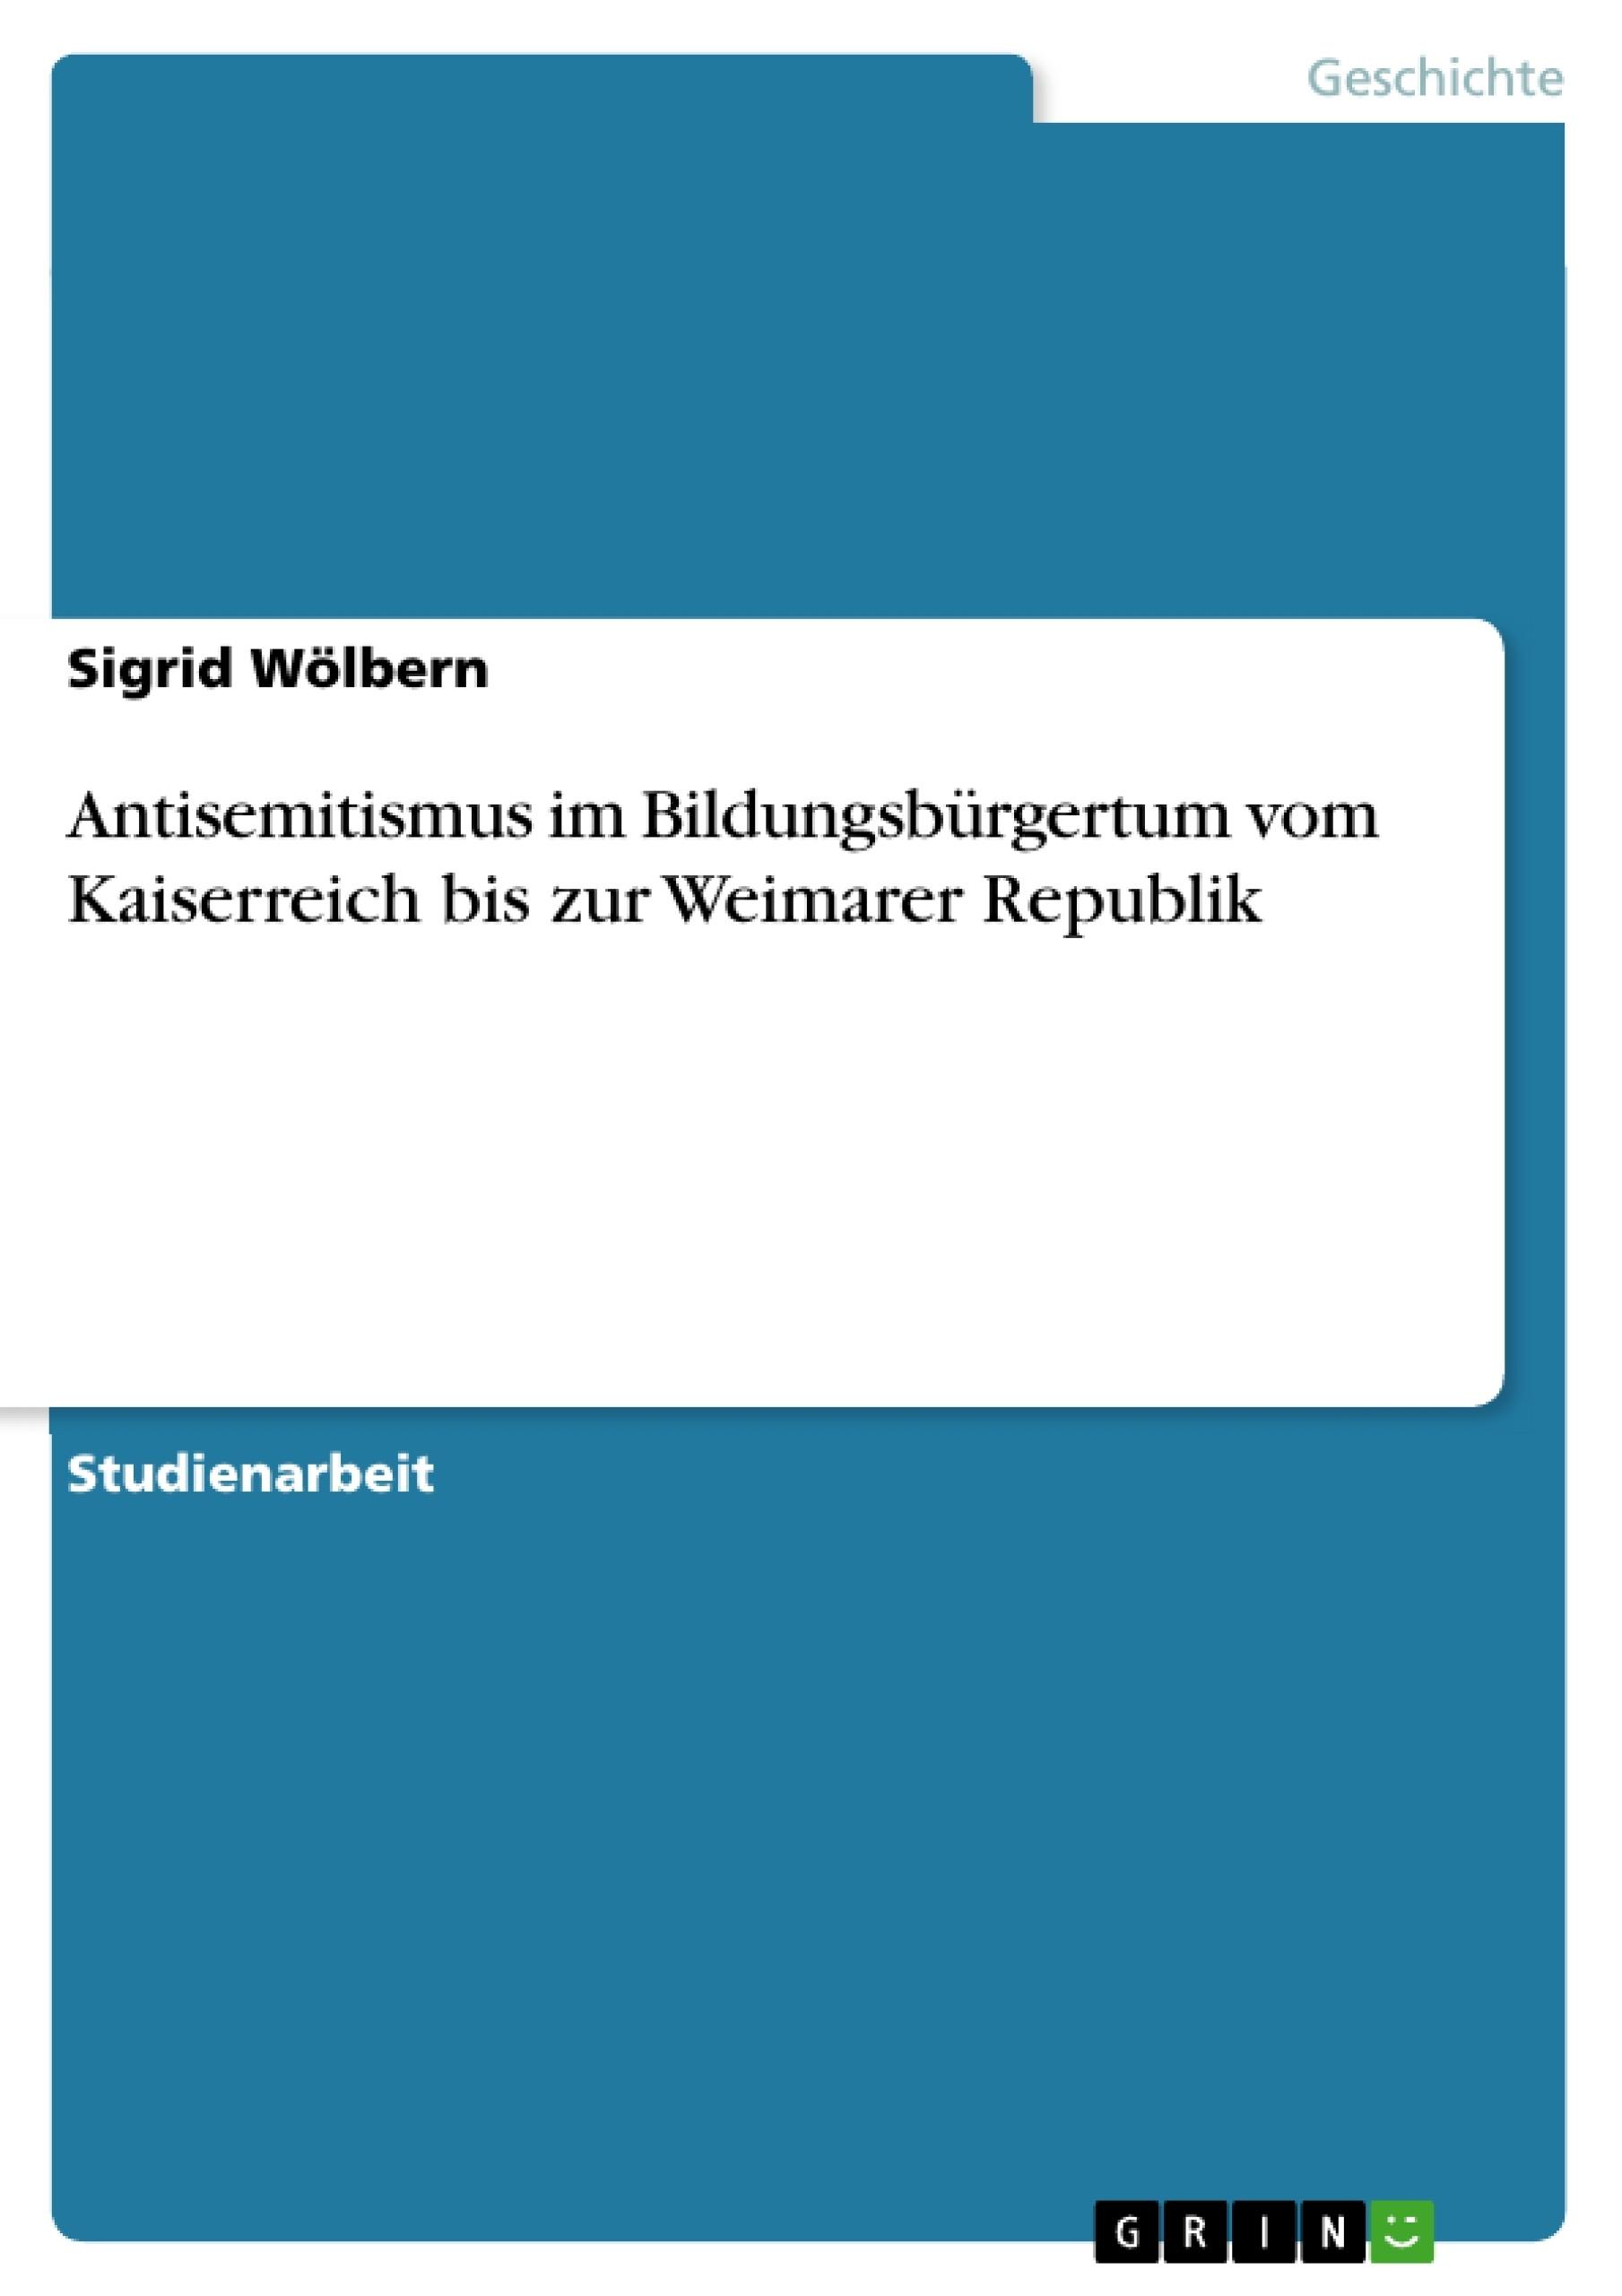 Titel: Antisemitismus im Bildungsbürgertum vom Kaiserreich bis zur Weimarer Republik